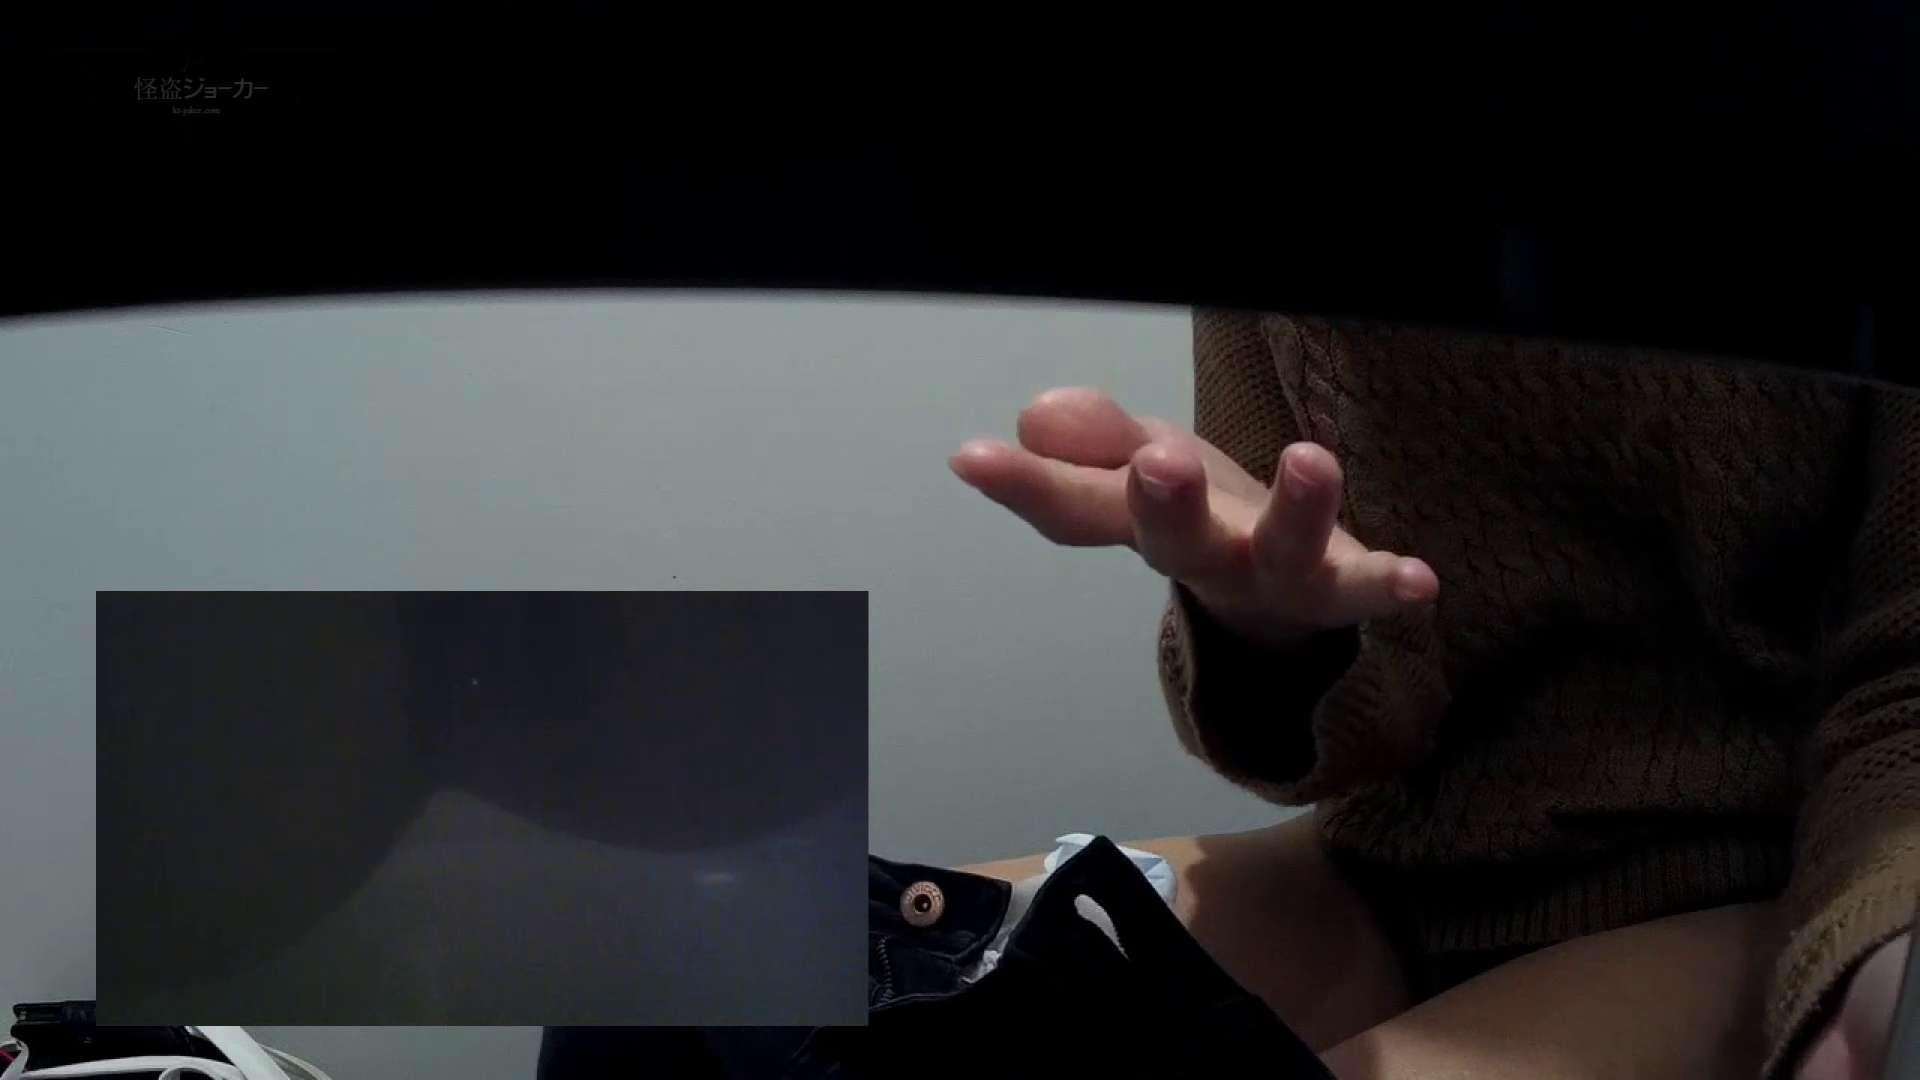 有名大学女性洗面所 vol.54 設置撮影最高峰!! 3視点でじっくり観察 潜入 AV動画キャプチャ 86PIX 33